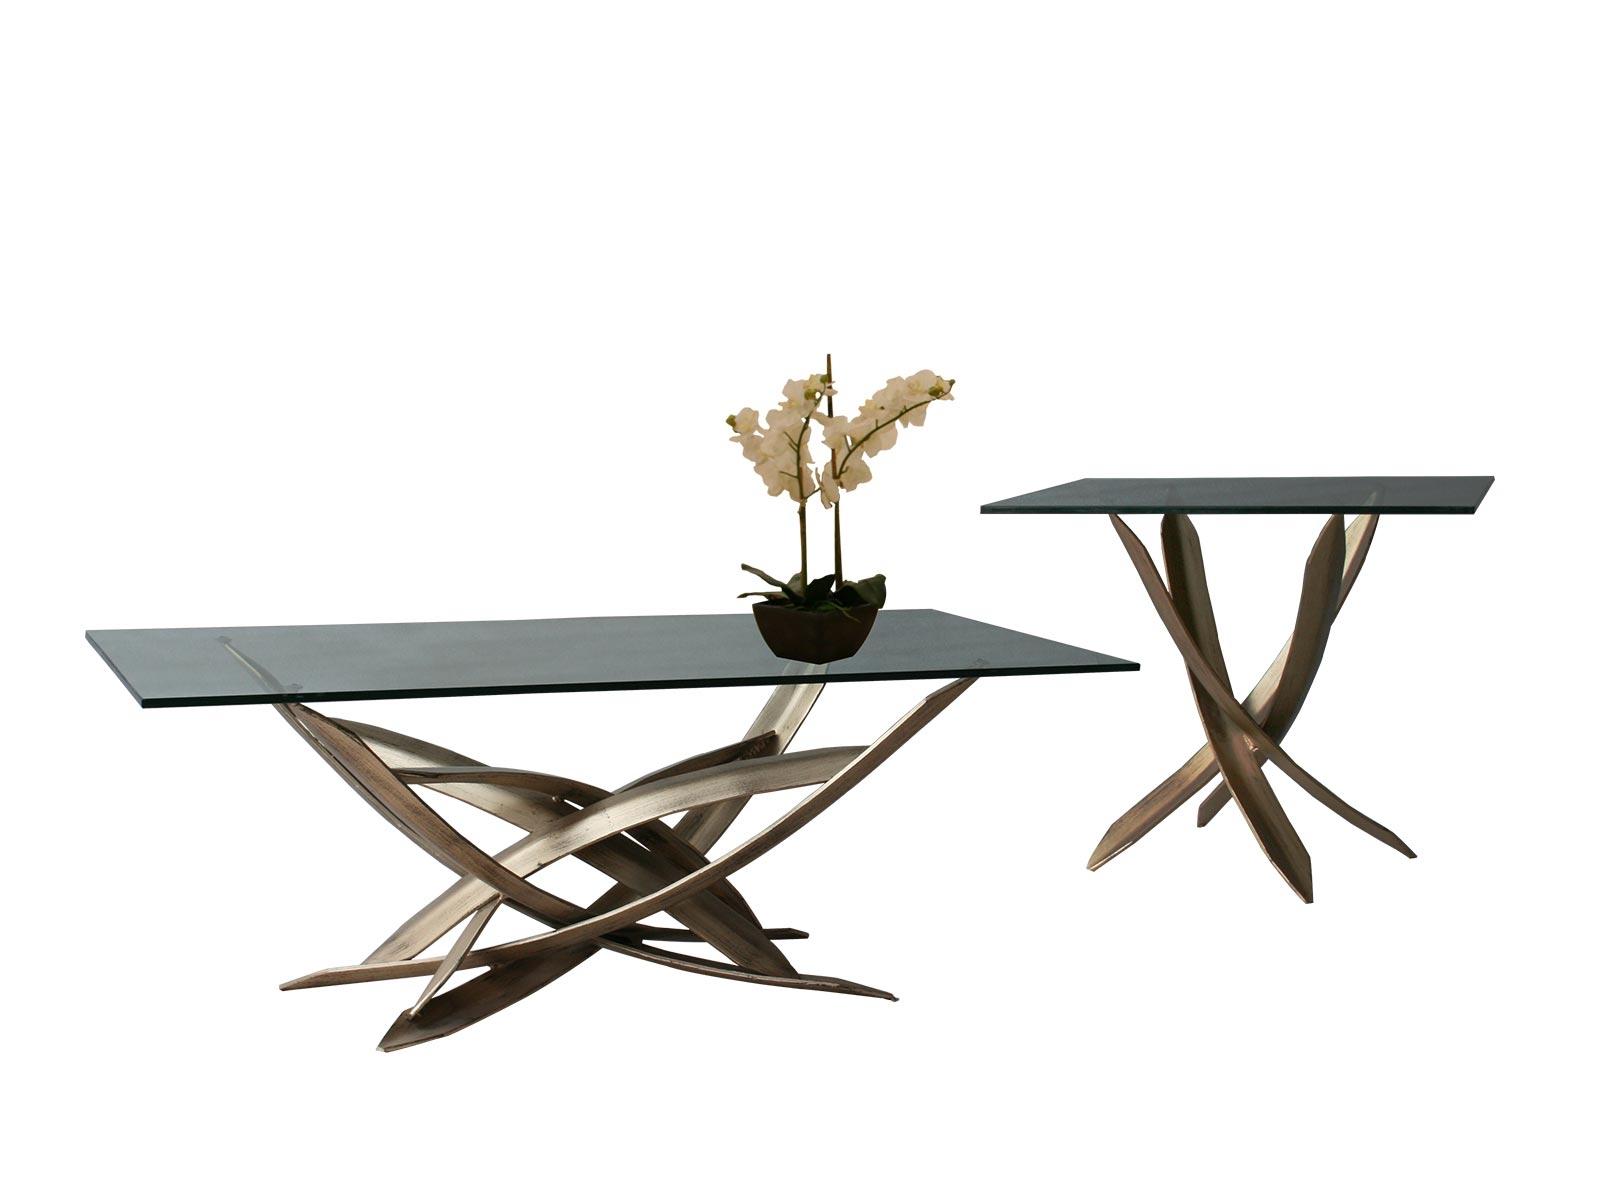 Mesa de sala rua centro y lateral para cristal rectangular - Bases para mesas de centro ...